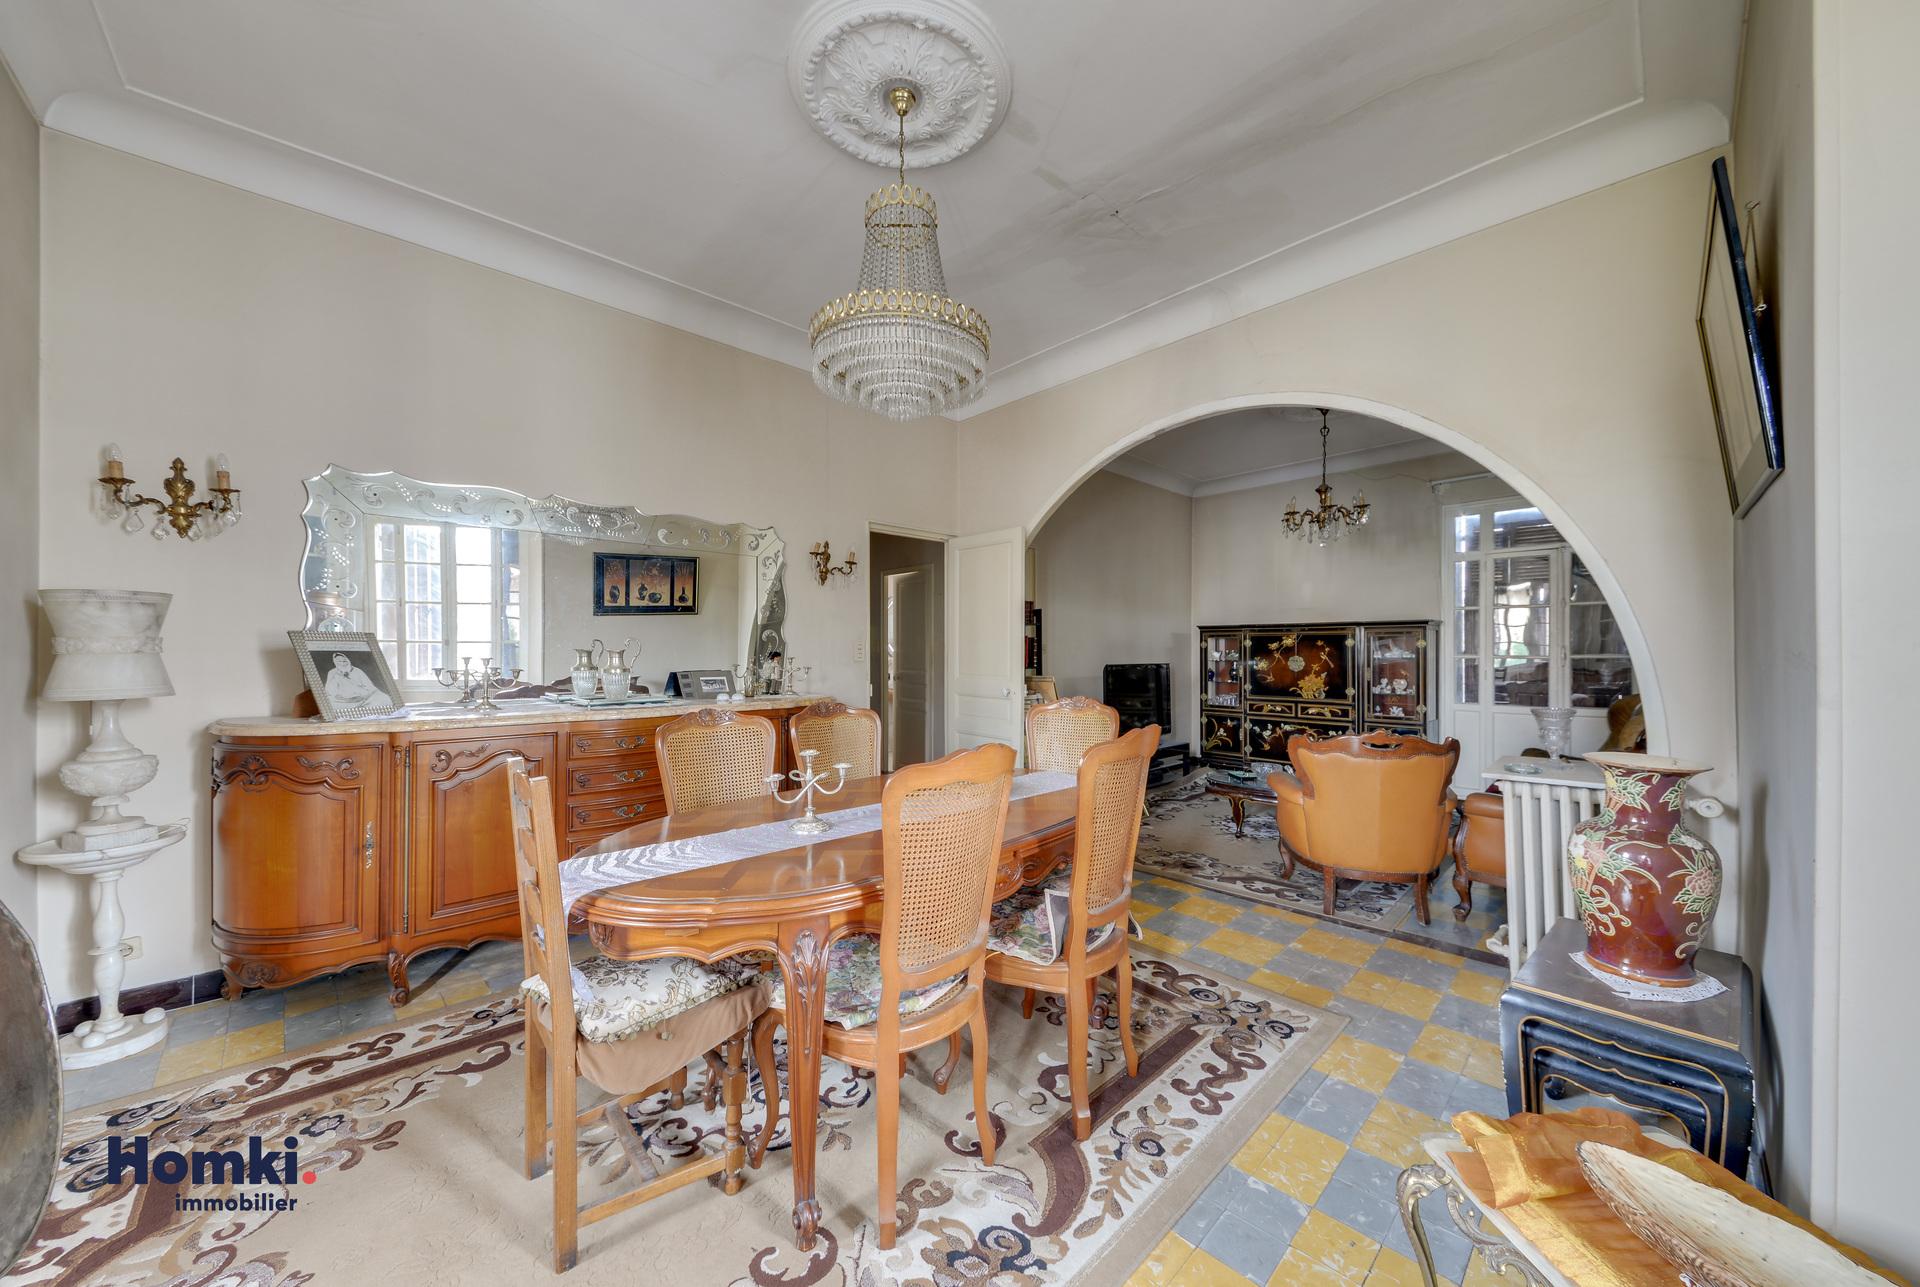 Vente maison 160m² T7 13013_4